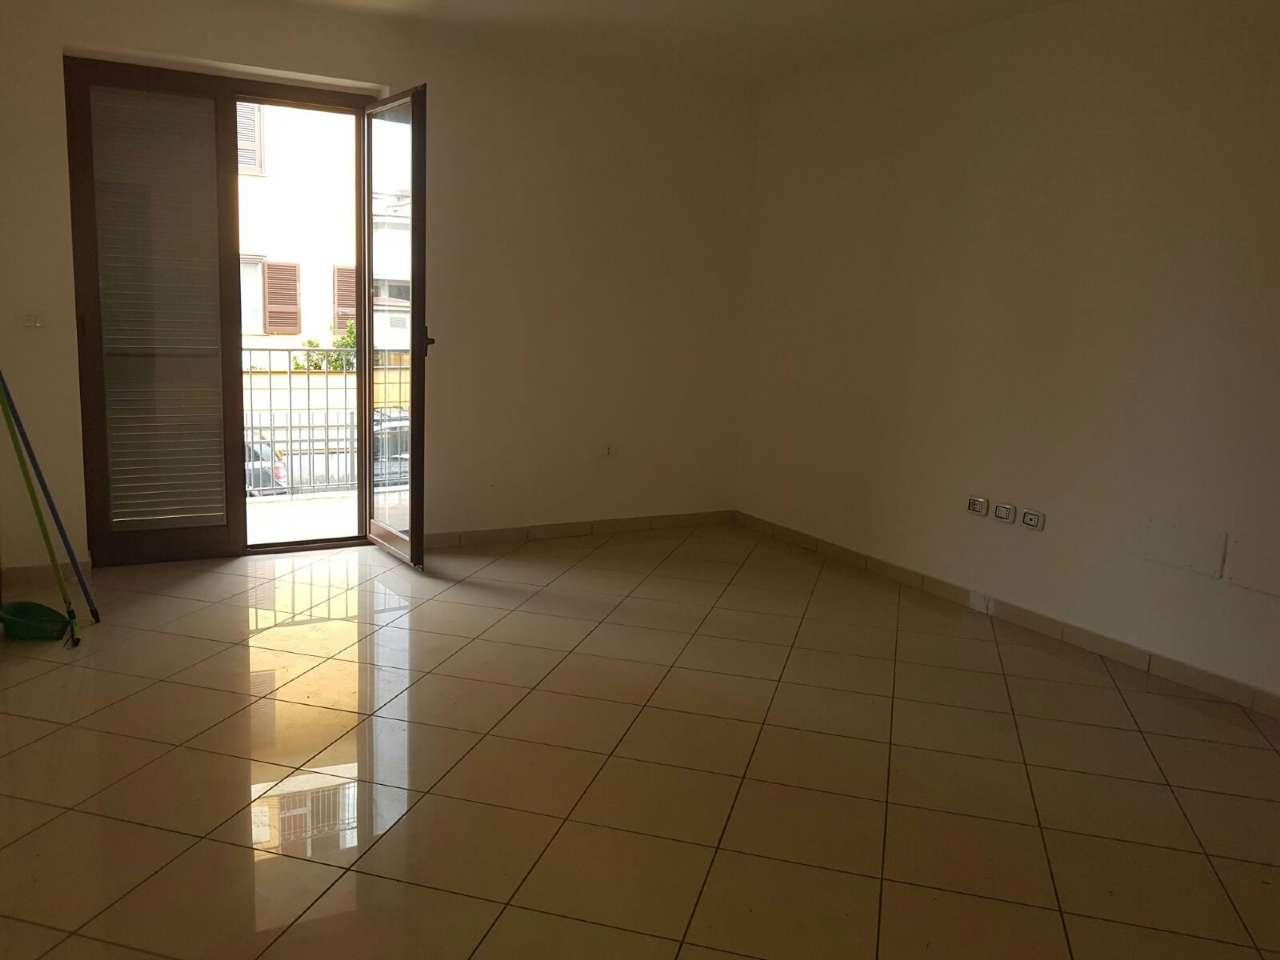 Appartamento in vendita a Giugliano in Campania, 5 locali, prezzo € 189.000 | Cambio Casa.it